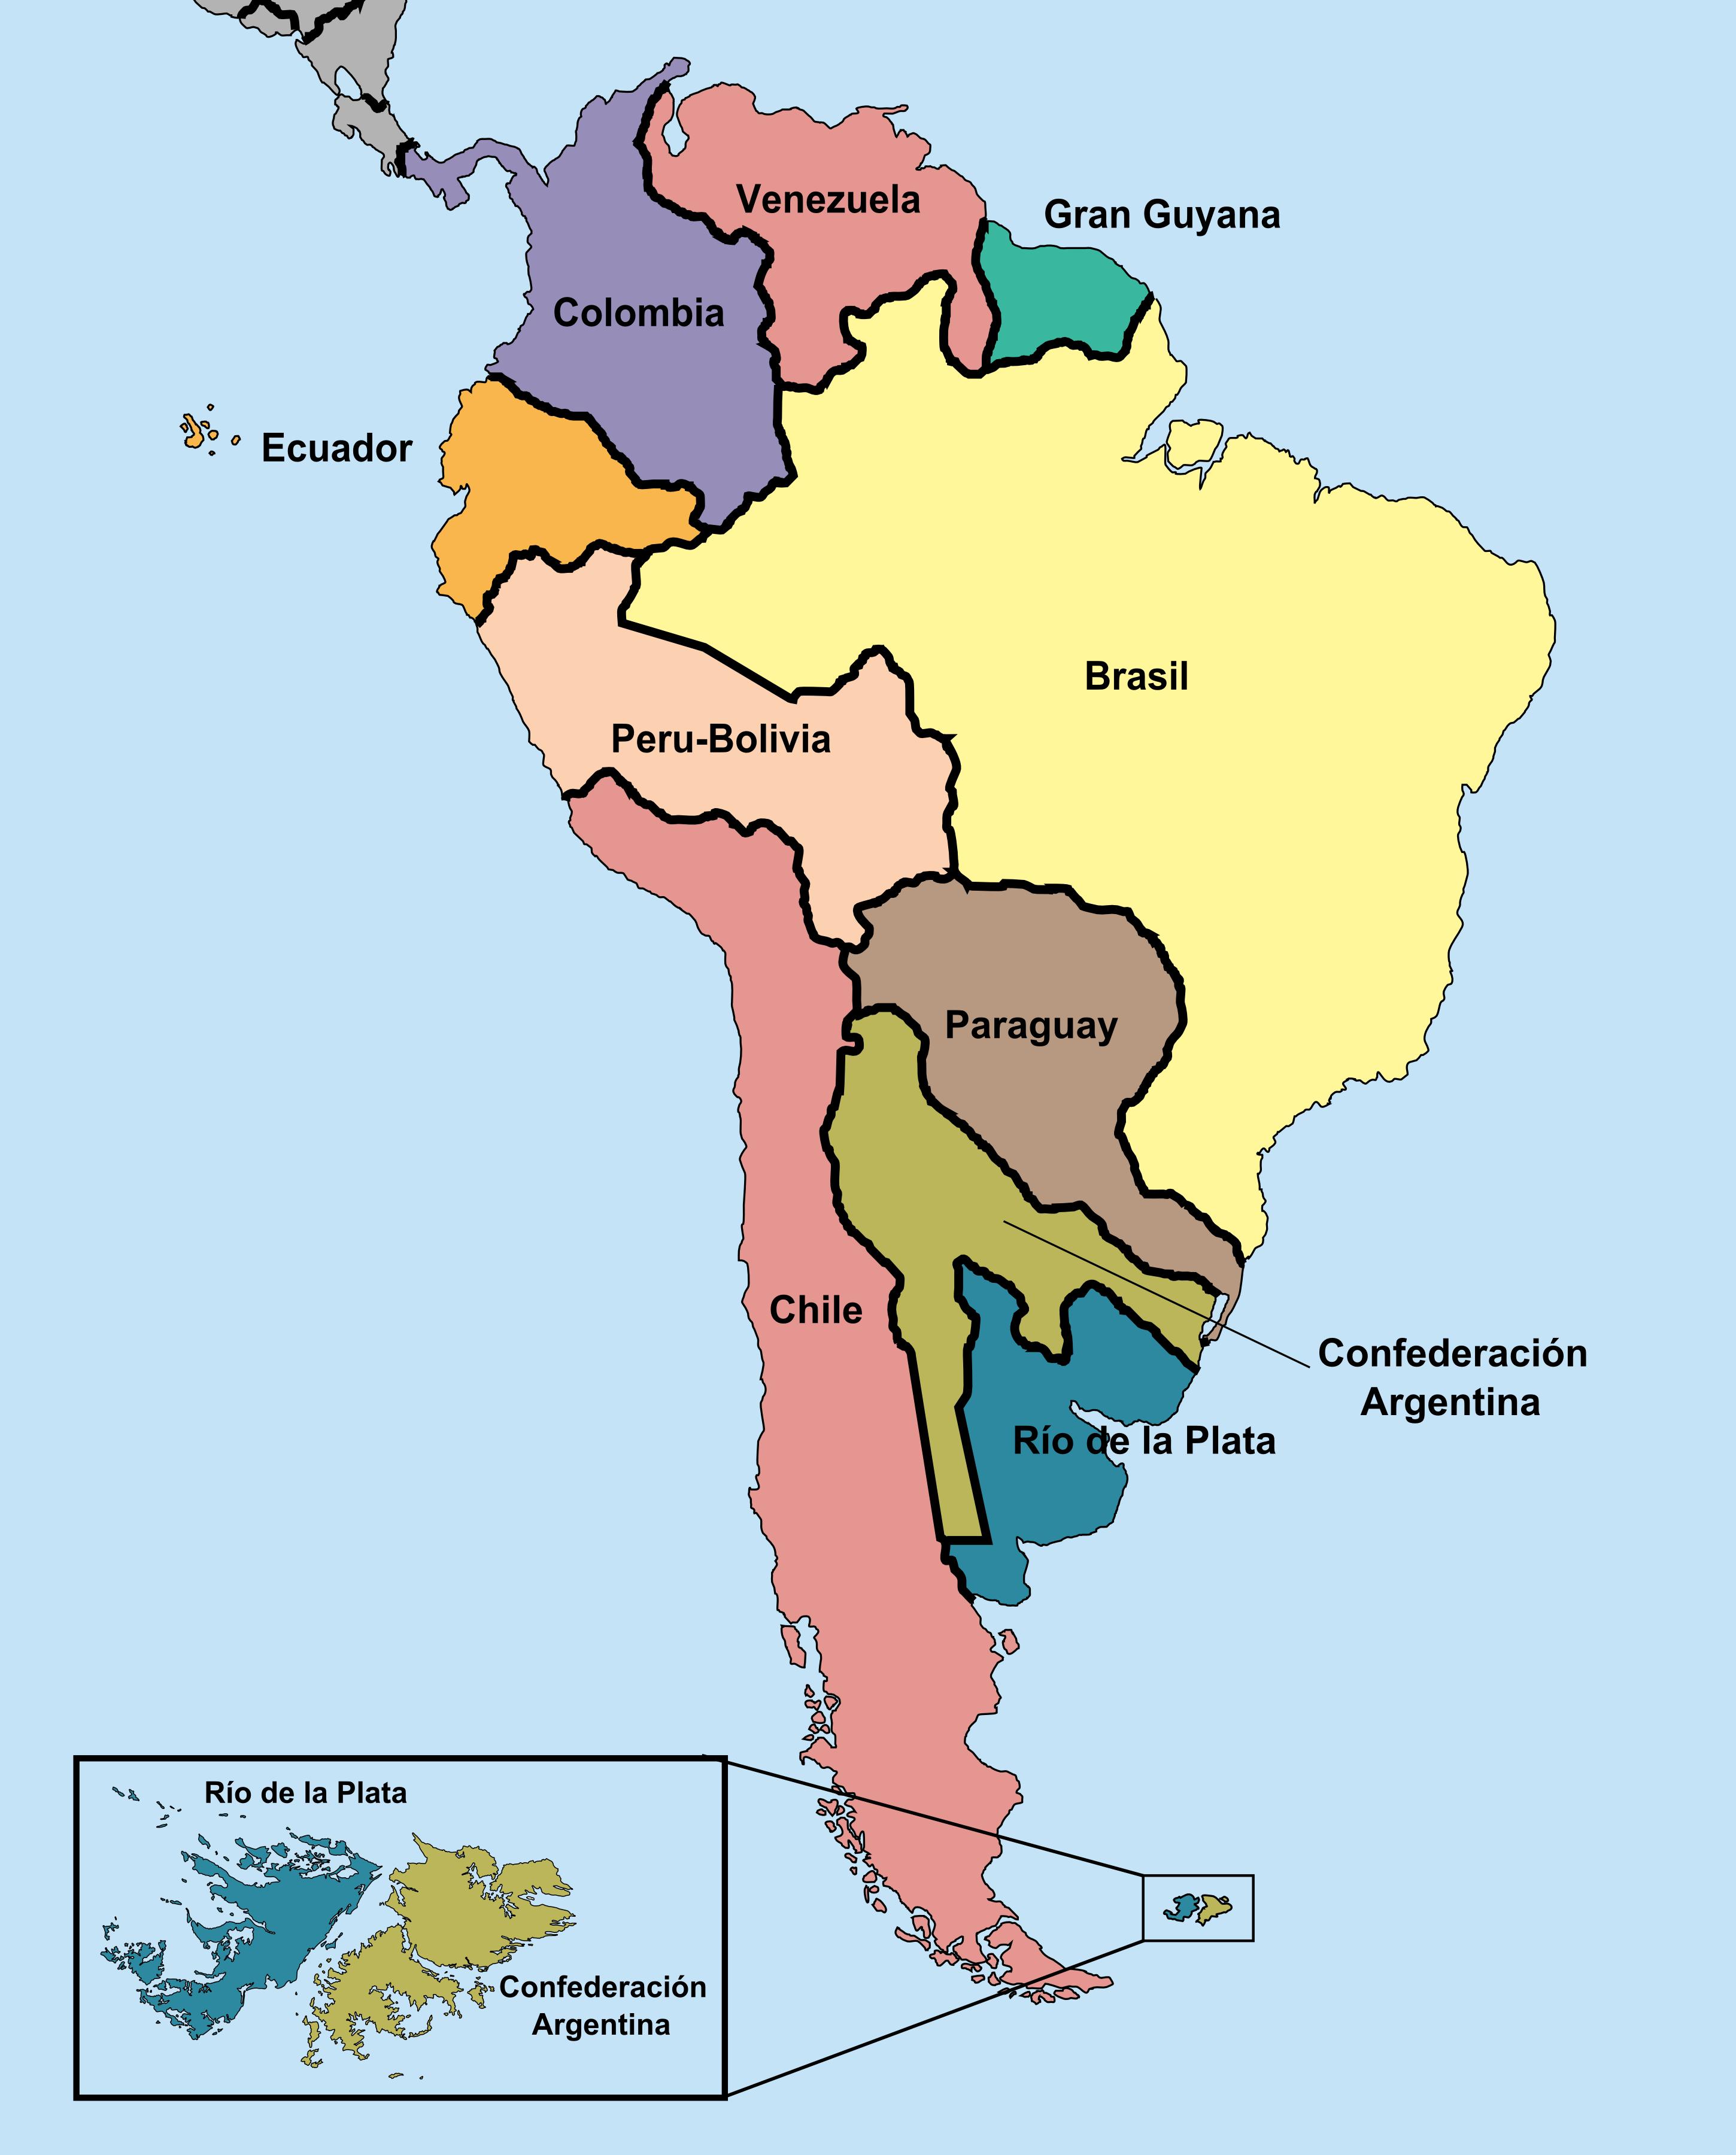 Image mapa poltico de sudamrica ppg alternative history mapa poltico de sudamrica ppg sciox Choice Image